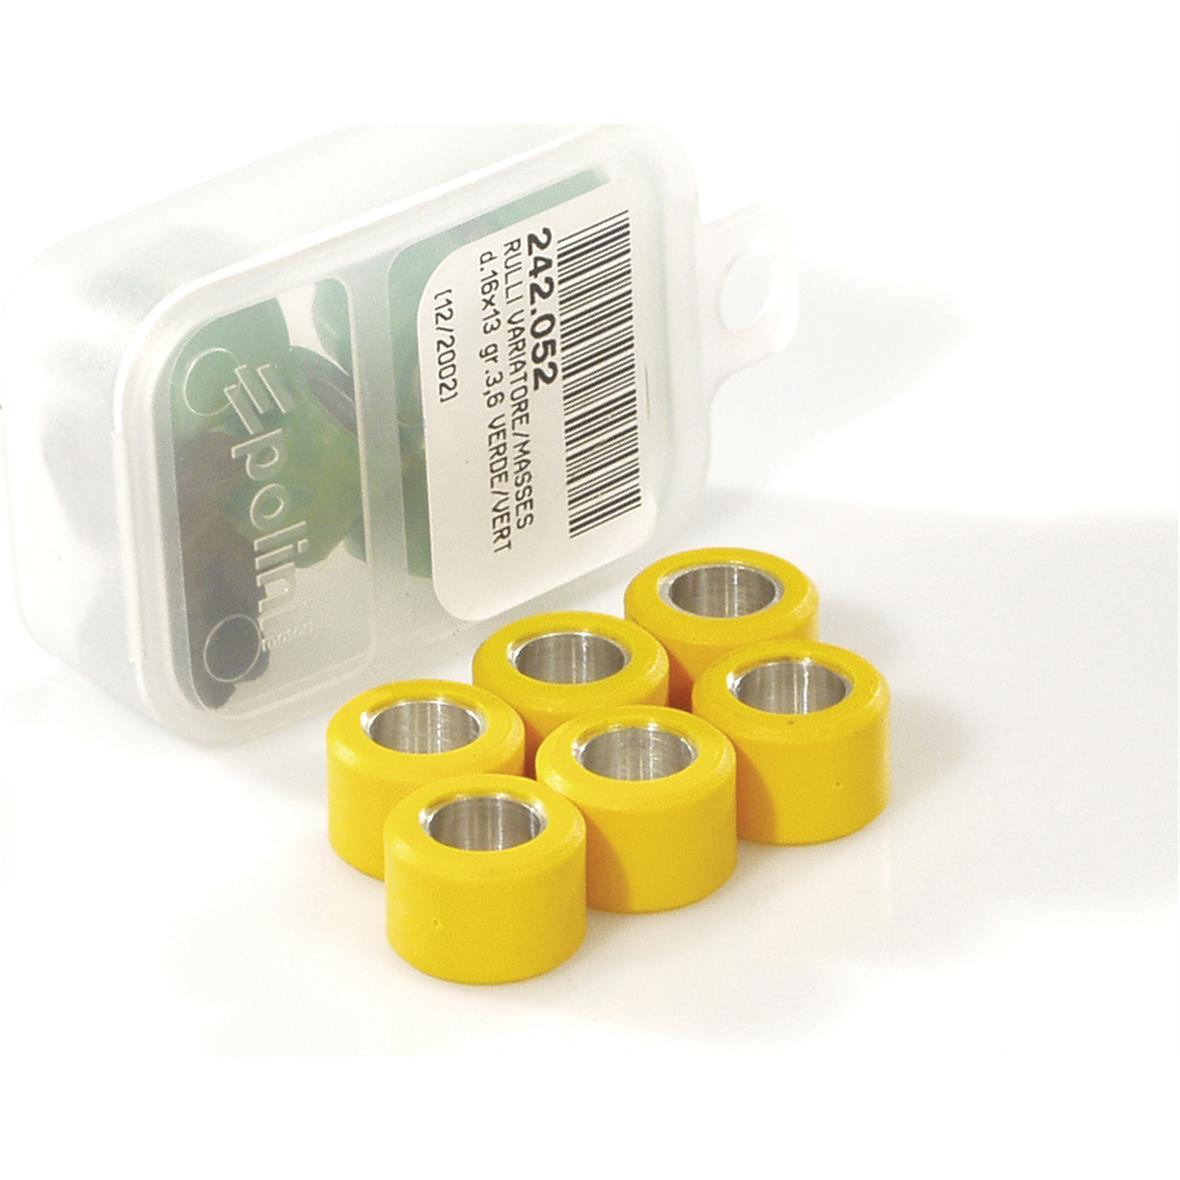 Εικόνα προϊόντος για 'Ράουλα Βαριατόρ POLINI 17x12 mm 7,2 γραμμάριοTitle'